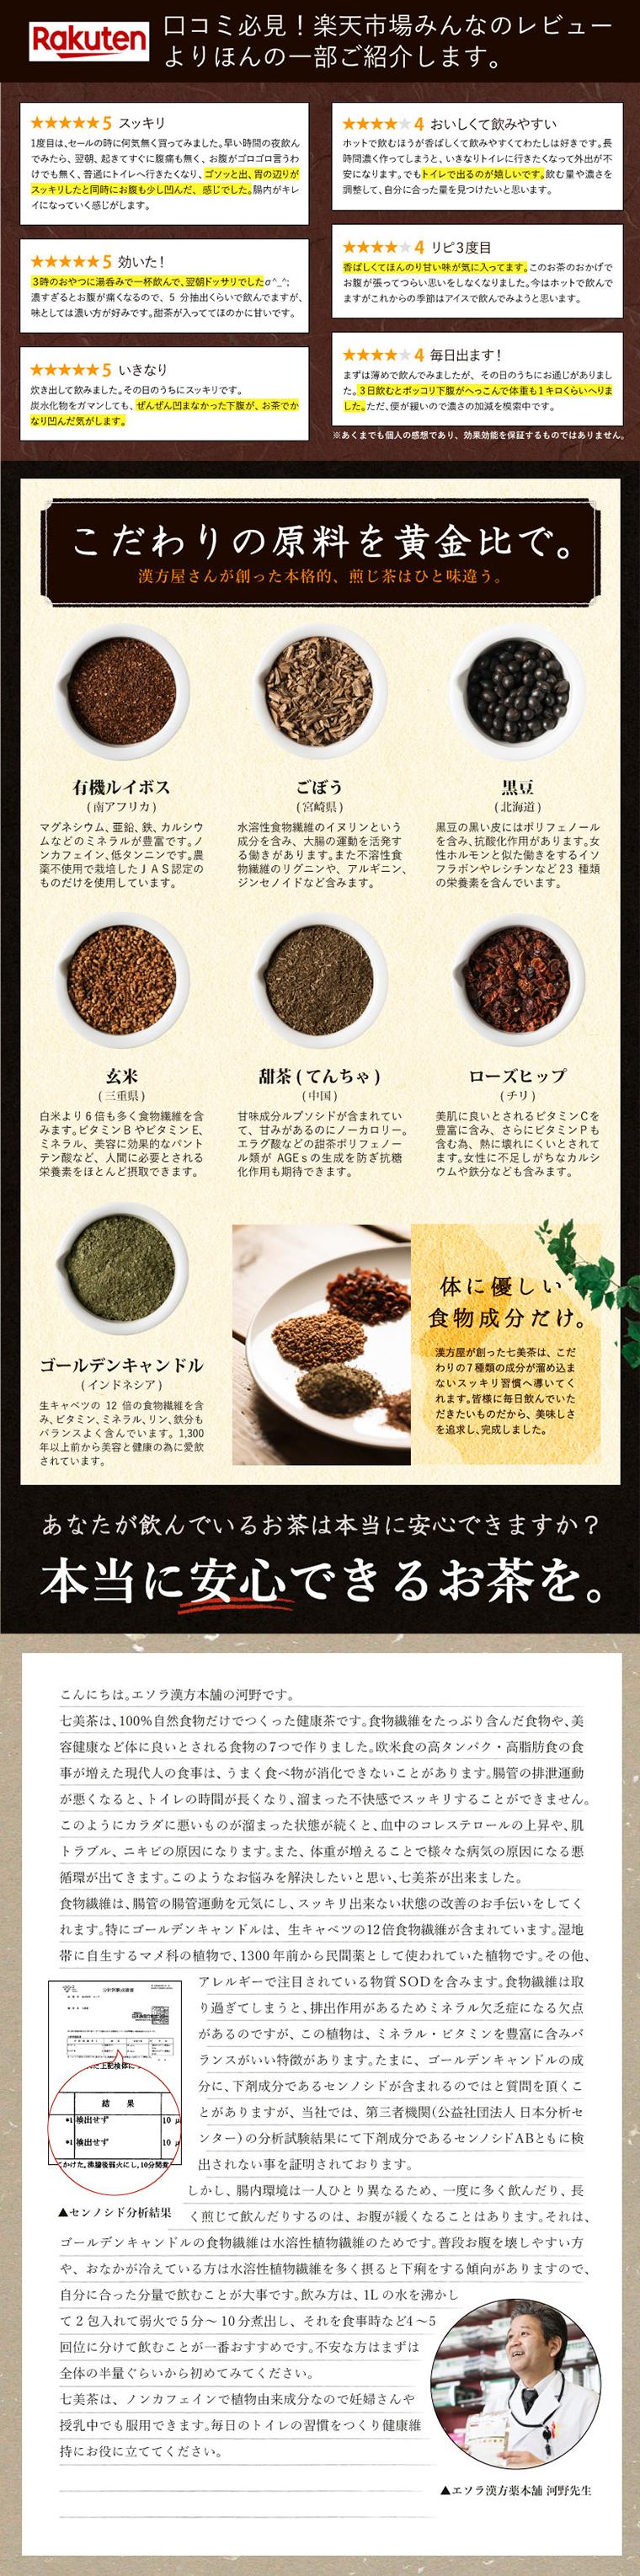 七美茶原料